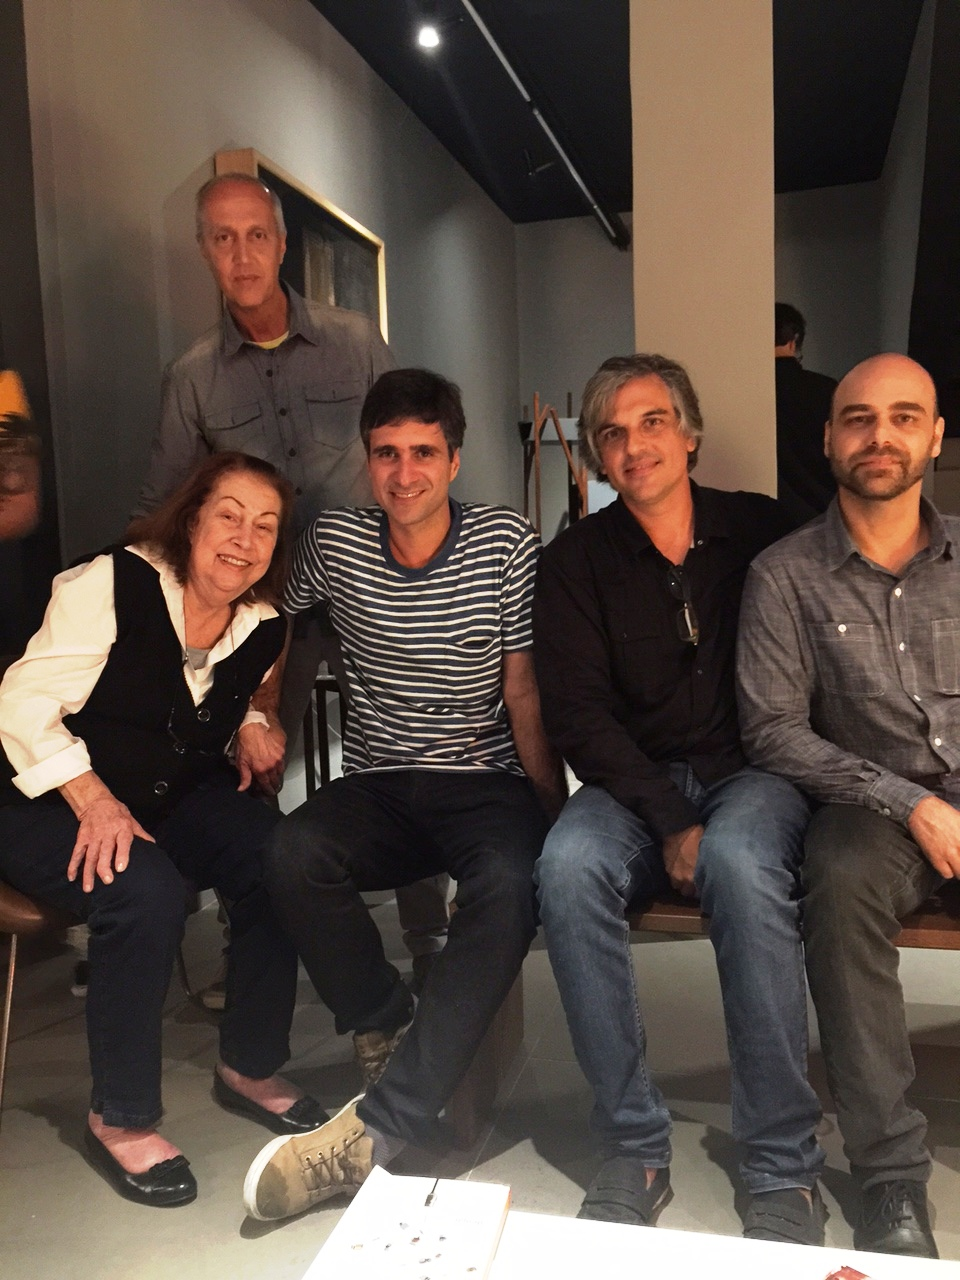 Aida Boal, Marcelo Vasconcellos, Otavio Nazareth Pedro Moog e Leonardo Latavo